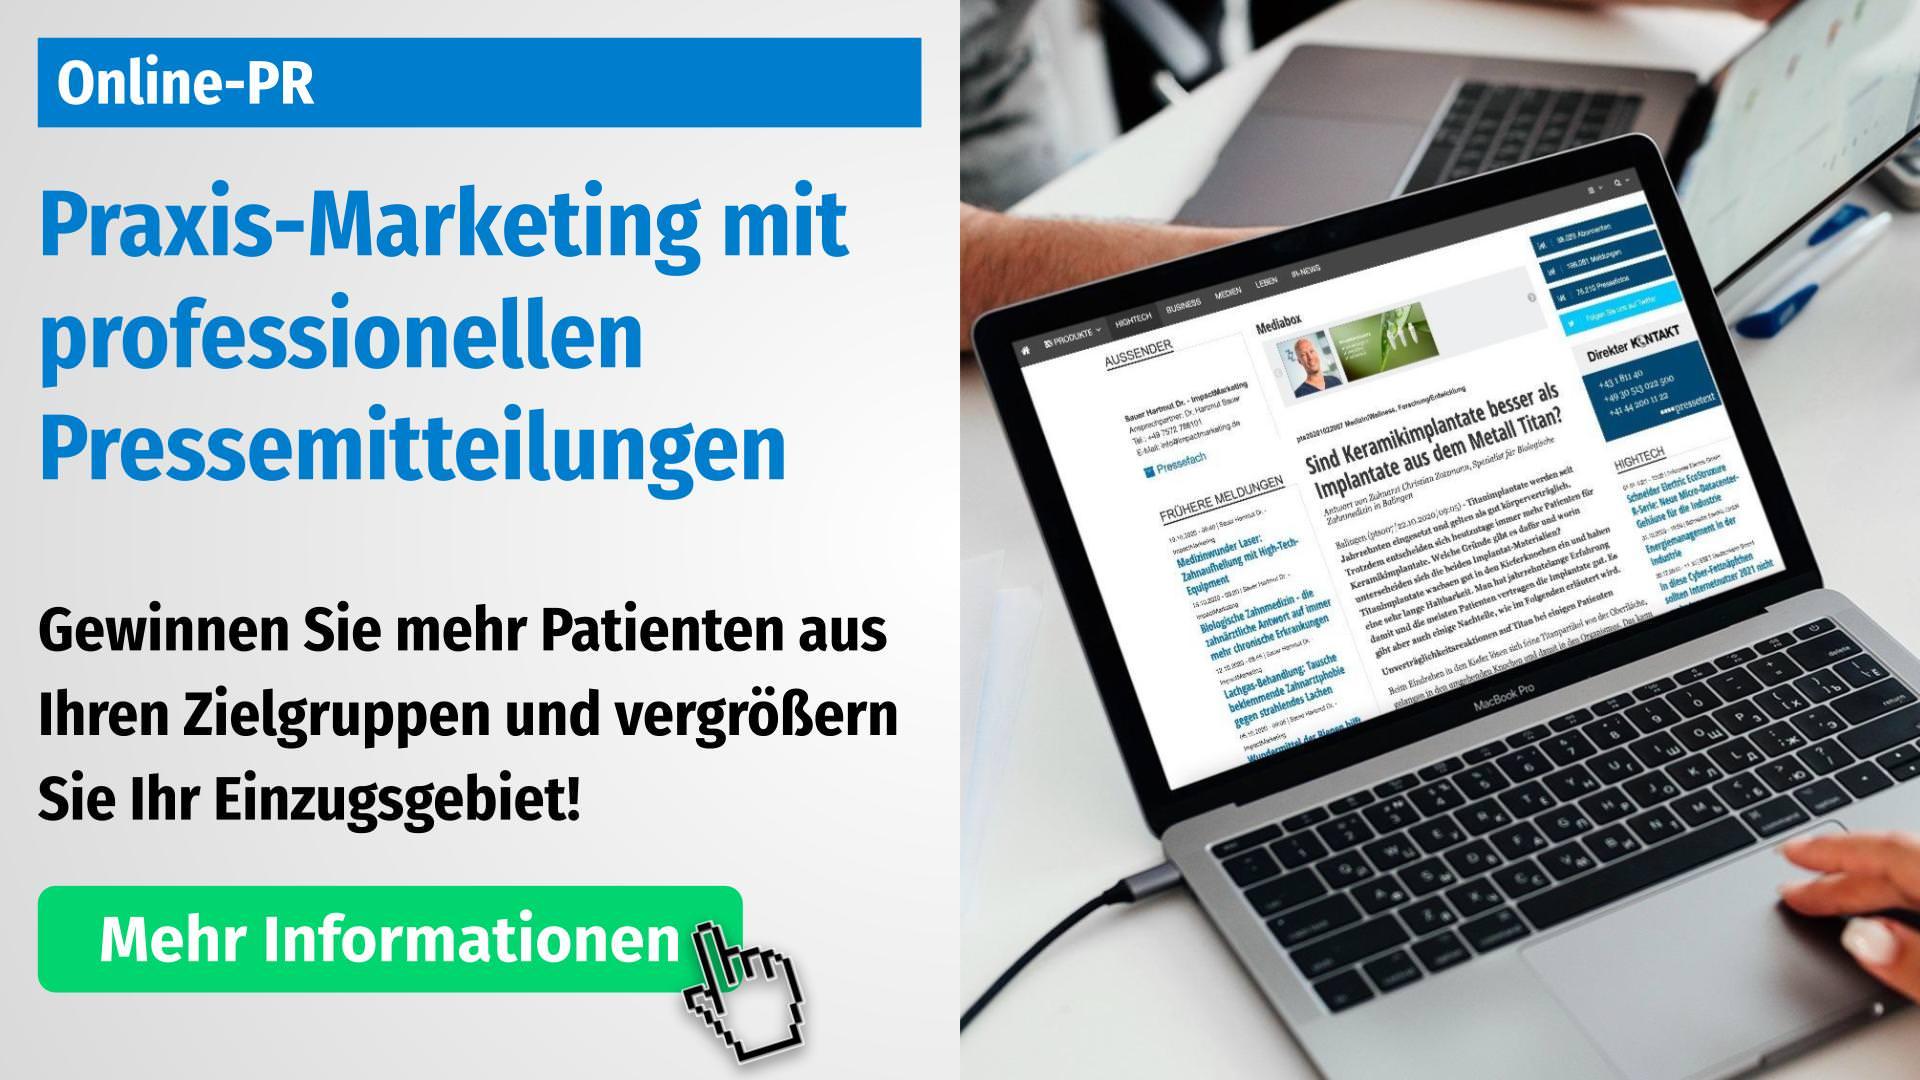 Praxis-Marketing Zahnarzt mit Online-PR und Pressemitteilungen